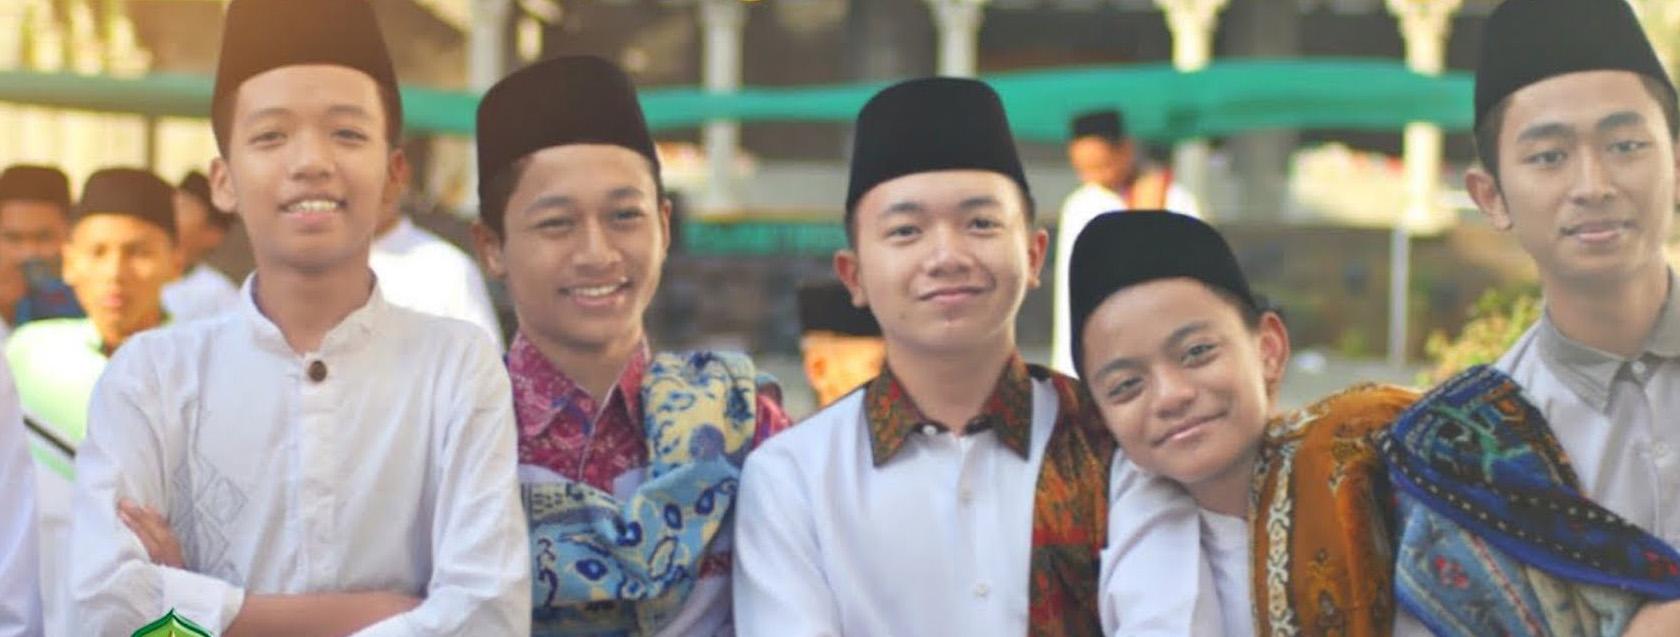 Santri Putra Ponpes Ashabul Kahfi Semarang